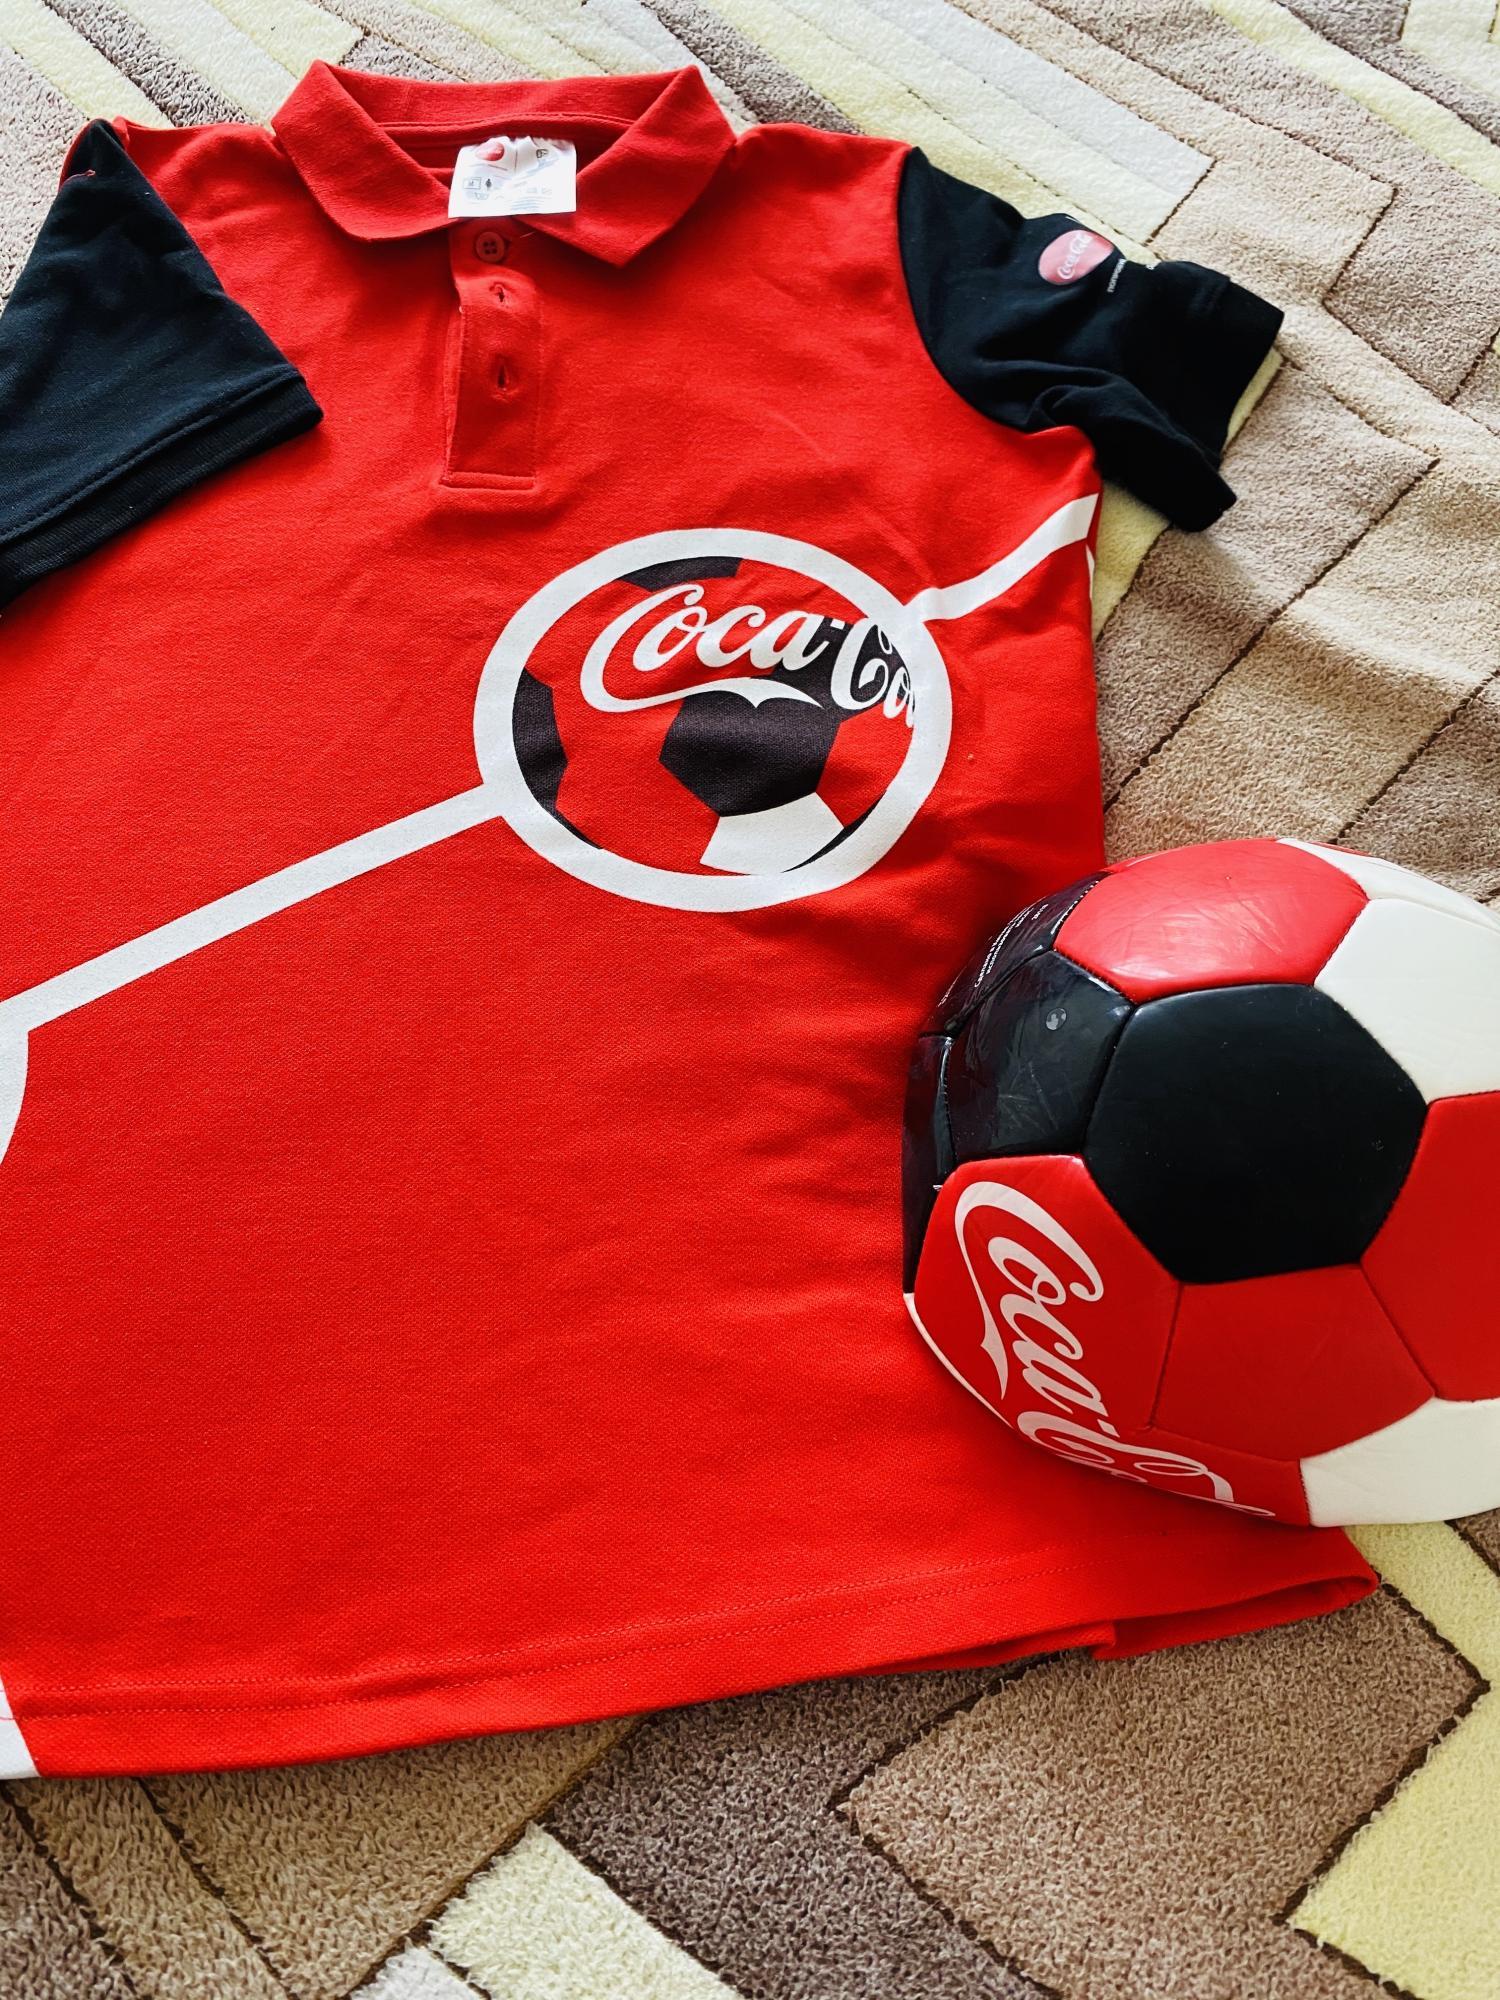 Футболка и футбольный мяч Coca-cola